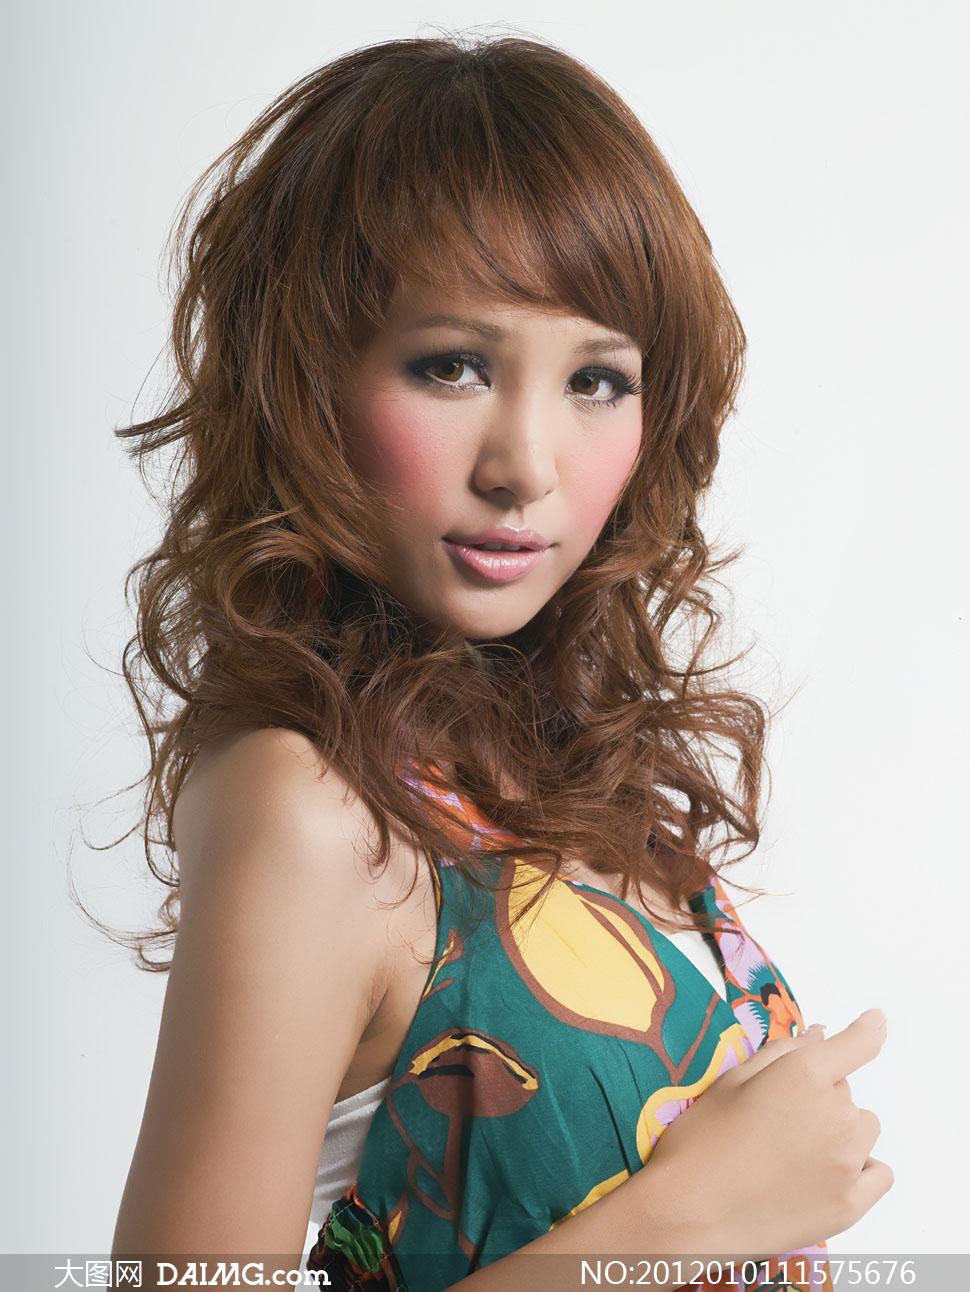 卷发美女模特人物侧面高清摄影图片